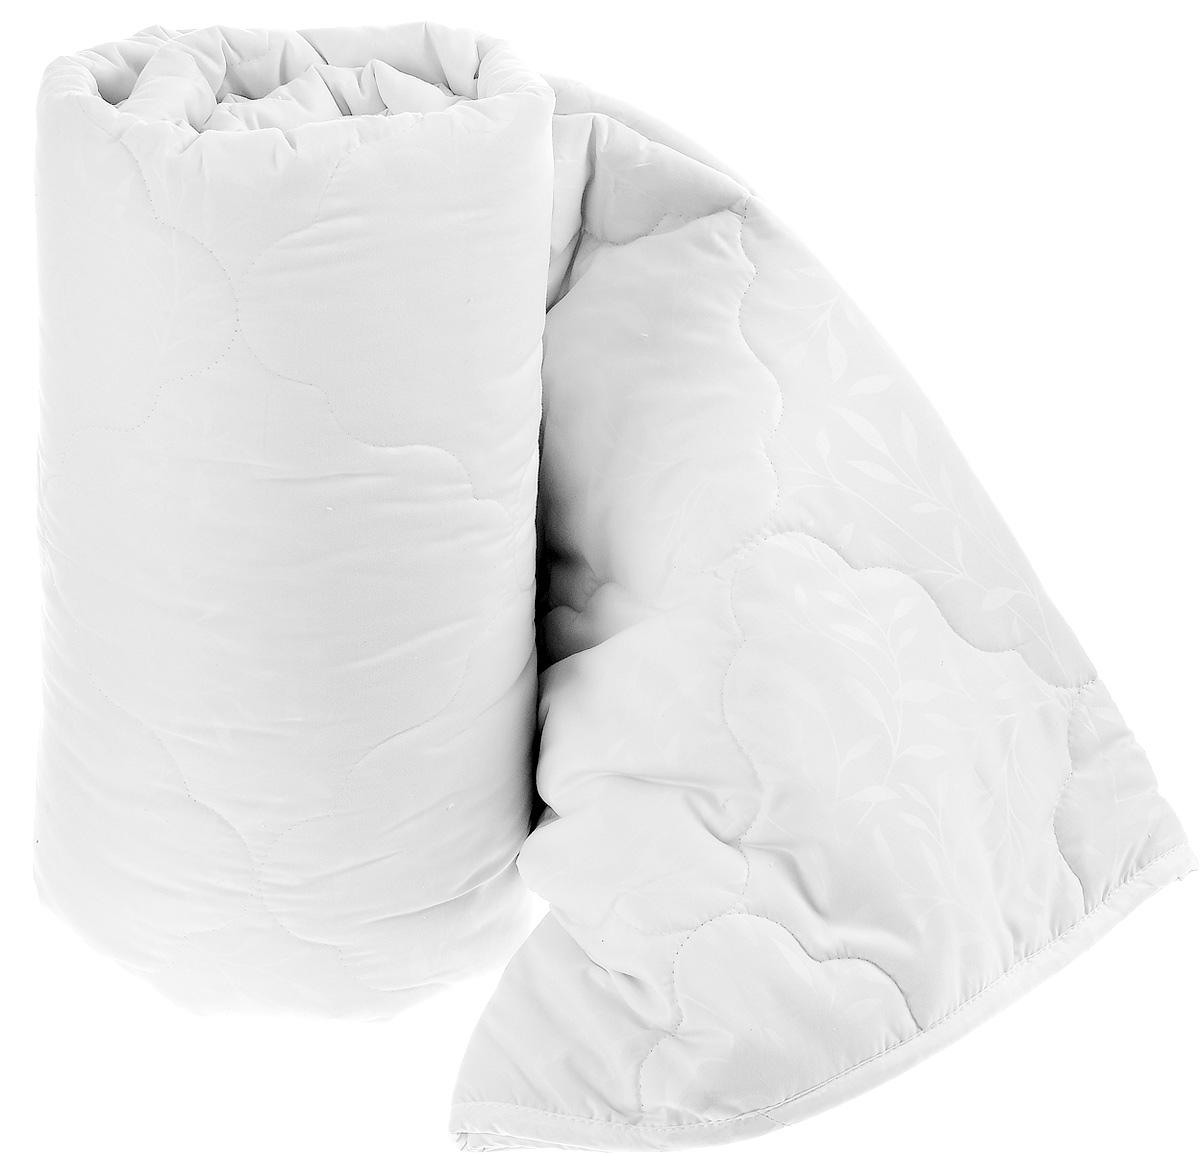 Одеяло Sova & Javoronok, наполнитель: верблюжья шерсть, микрофибра, цвет: белый, 200 х 220 см5030116350Чехол одеяла Sova & Javoronok выполнен из высококачественной микрофибры (100%полиэстера). Наполнитель одеяла изготовлен из верблюжьей шерсти и полиэфирного волокна. Стежка надежно удерживает наполнитель внутри и не позволяет ему скатываться. Особенности наполнителя:- исключительные терморегулирующие свойства;- высокое качество прочеса и промывки шерсти;- великолепные ощущения комфорта и уюта. Верблюжья шерсть обладает целебными качествами, содержит наиболее высокий процент ланолина (животного воска), который является природным антисептиком и благоприятно воздействует на организм по целому ряду показателей: оказывает благотворное действие на мышцы, суставы, позвоночник, нормализует кровообращение, имеет профилактический эффект при заболевания опорно-двигательного аппарата. Кроме того, верблюжья шерсть антистатична. Шерсть верблюда сохраняет прохладу в период жаркого лета и удерживает тепло во время суровой зимы. Одеяло упакована в прозрачный пластиковый чехол на змейке с ручкой, что является чрезвычайно удобным при переноске.Рекомендации по уходу:- Стирка запрещена,- Нельзя отбеливать. При стирке не использовать средства, содержащие отбеливатели (хлор),- Не гладить. Не применять обработку паром,- Химчистка с использованием углеводорода, хлорного этилена,- Нельзя выжимать и сушить в стиральной машине.